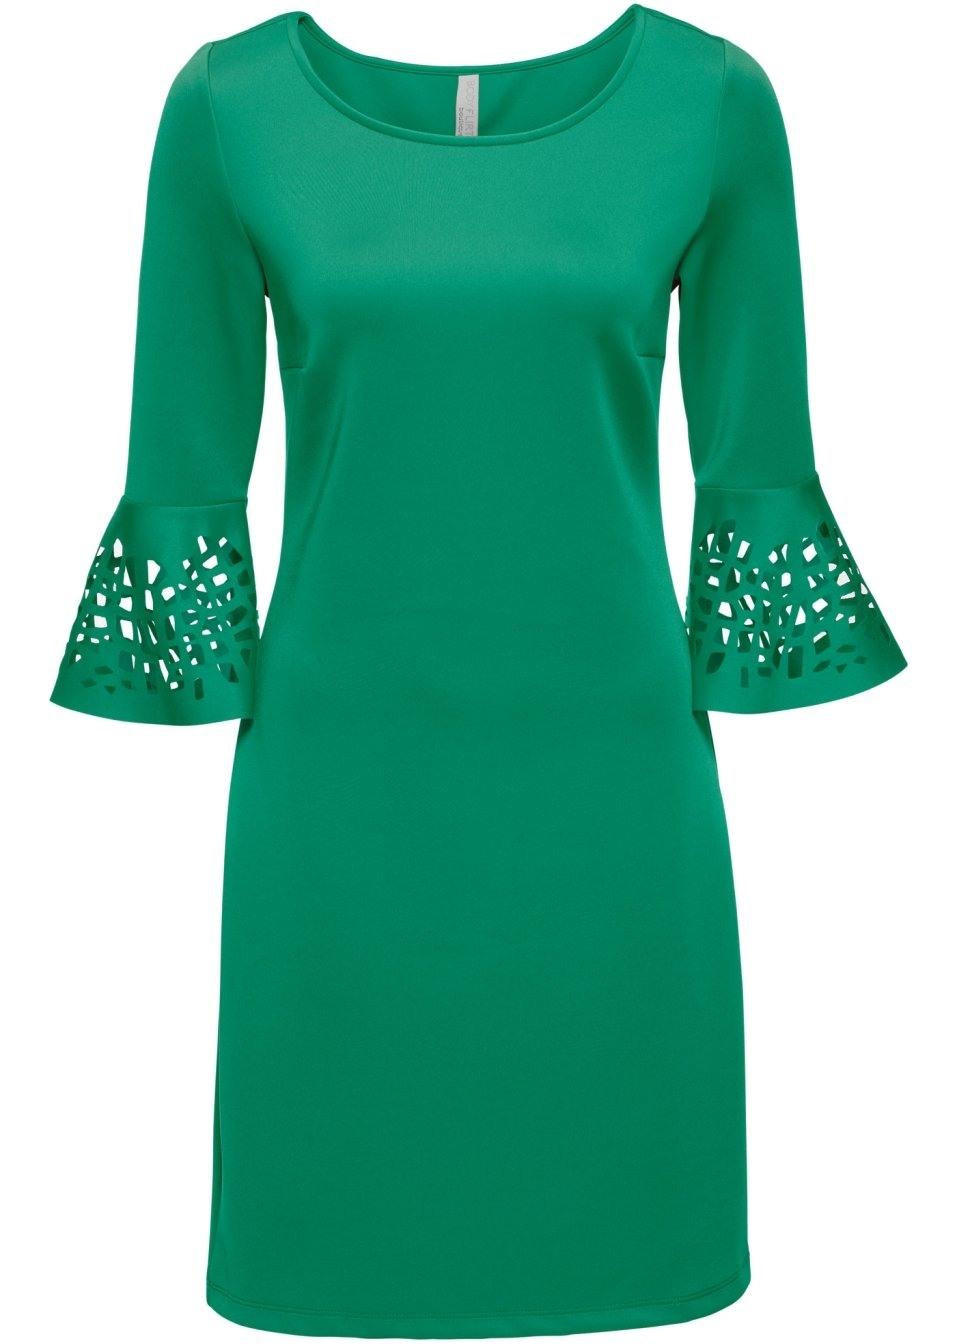 17 Cool Grünes Kleid Mit Spitze Vertrieb13 Ausgezeichnet Grünes Kleid Mit Spitze Bester Preis